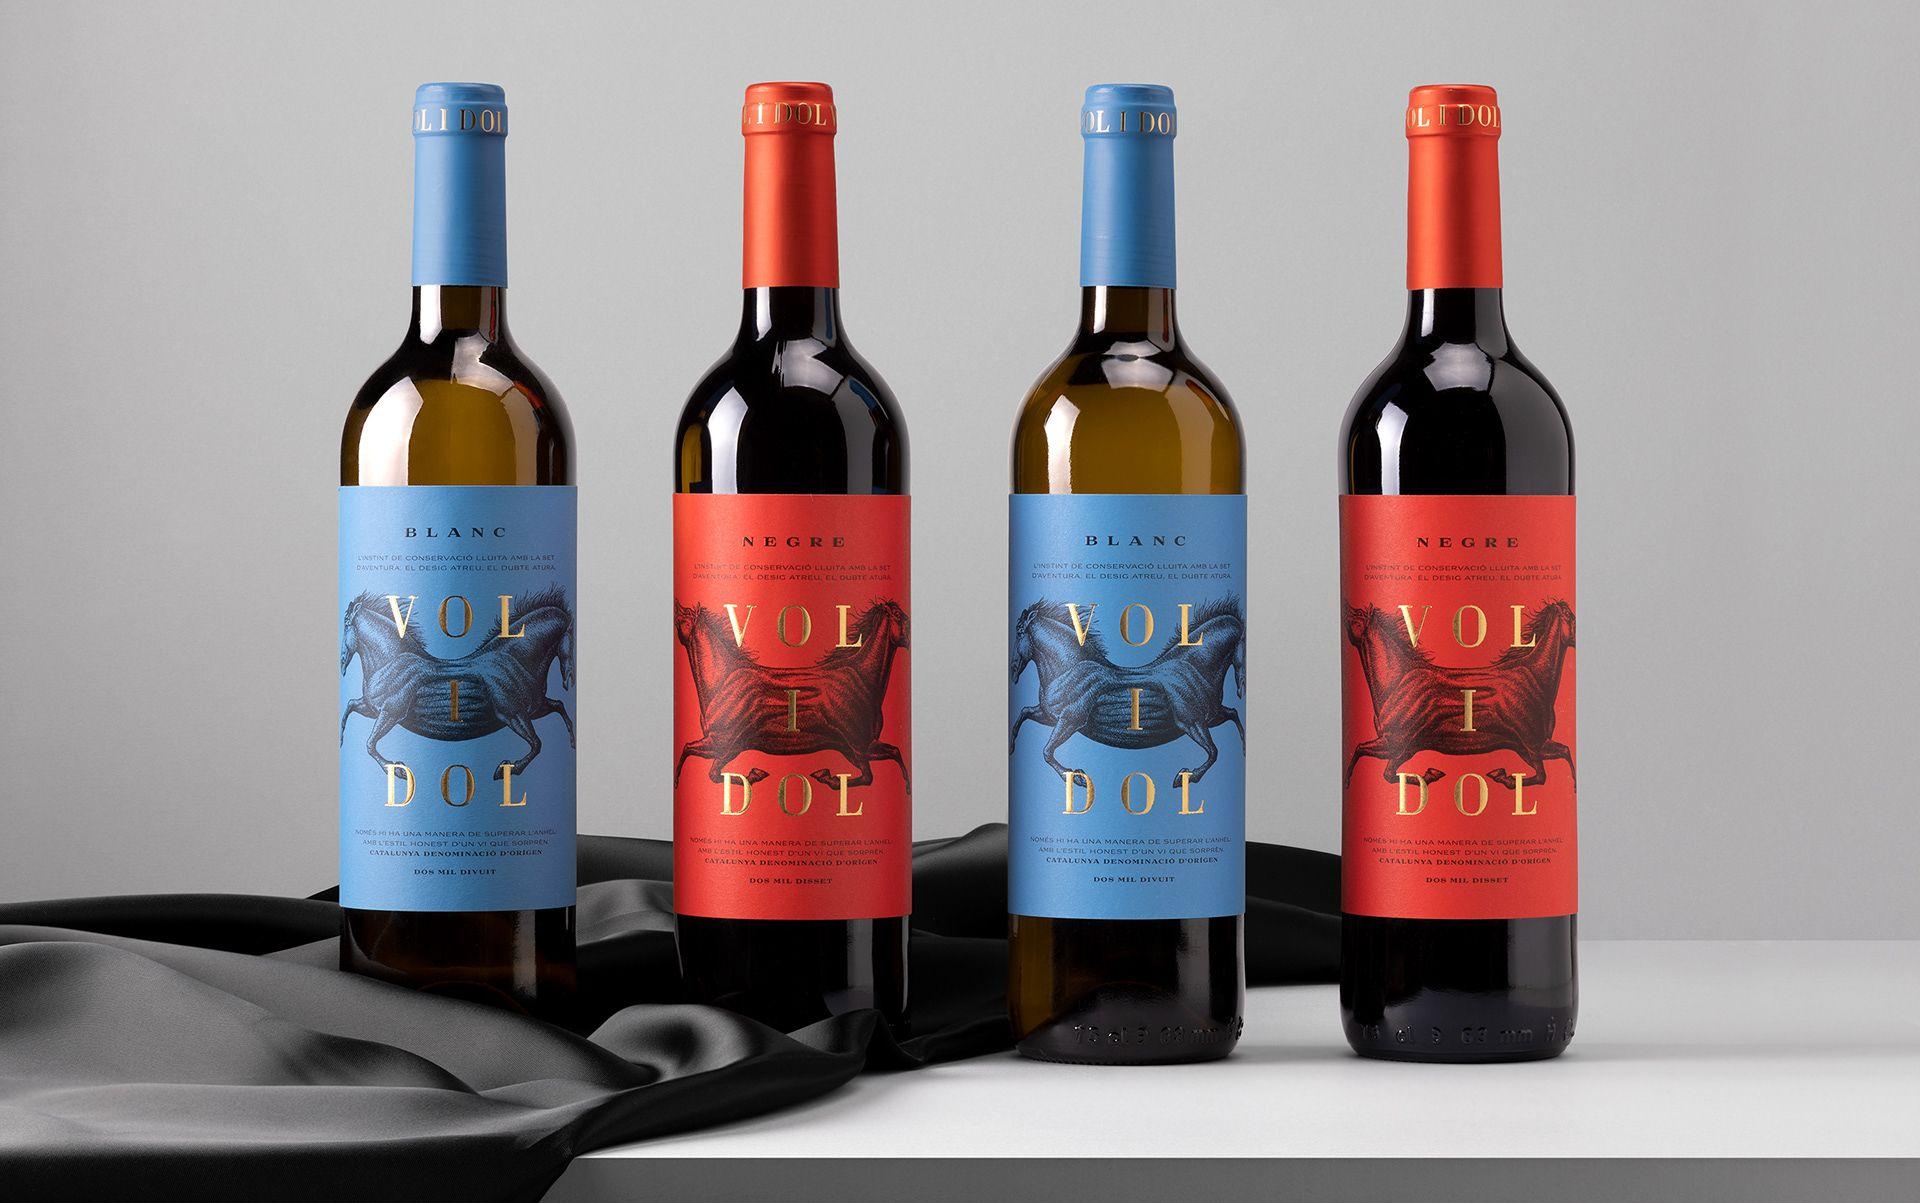 Vol I Dol On Behance Wine Packaging Design Inspiration Craft Beer Brands